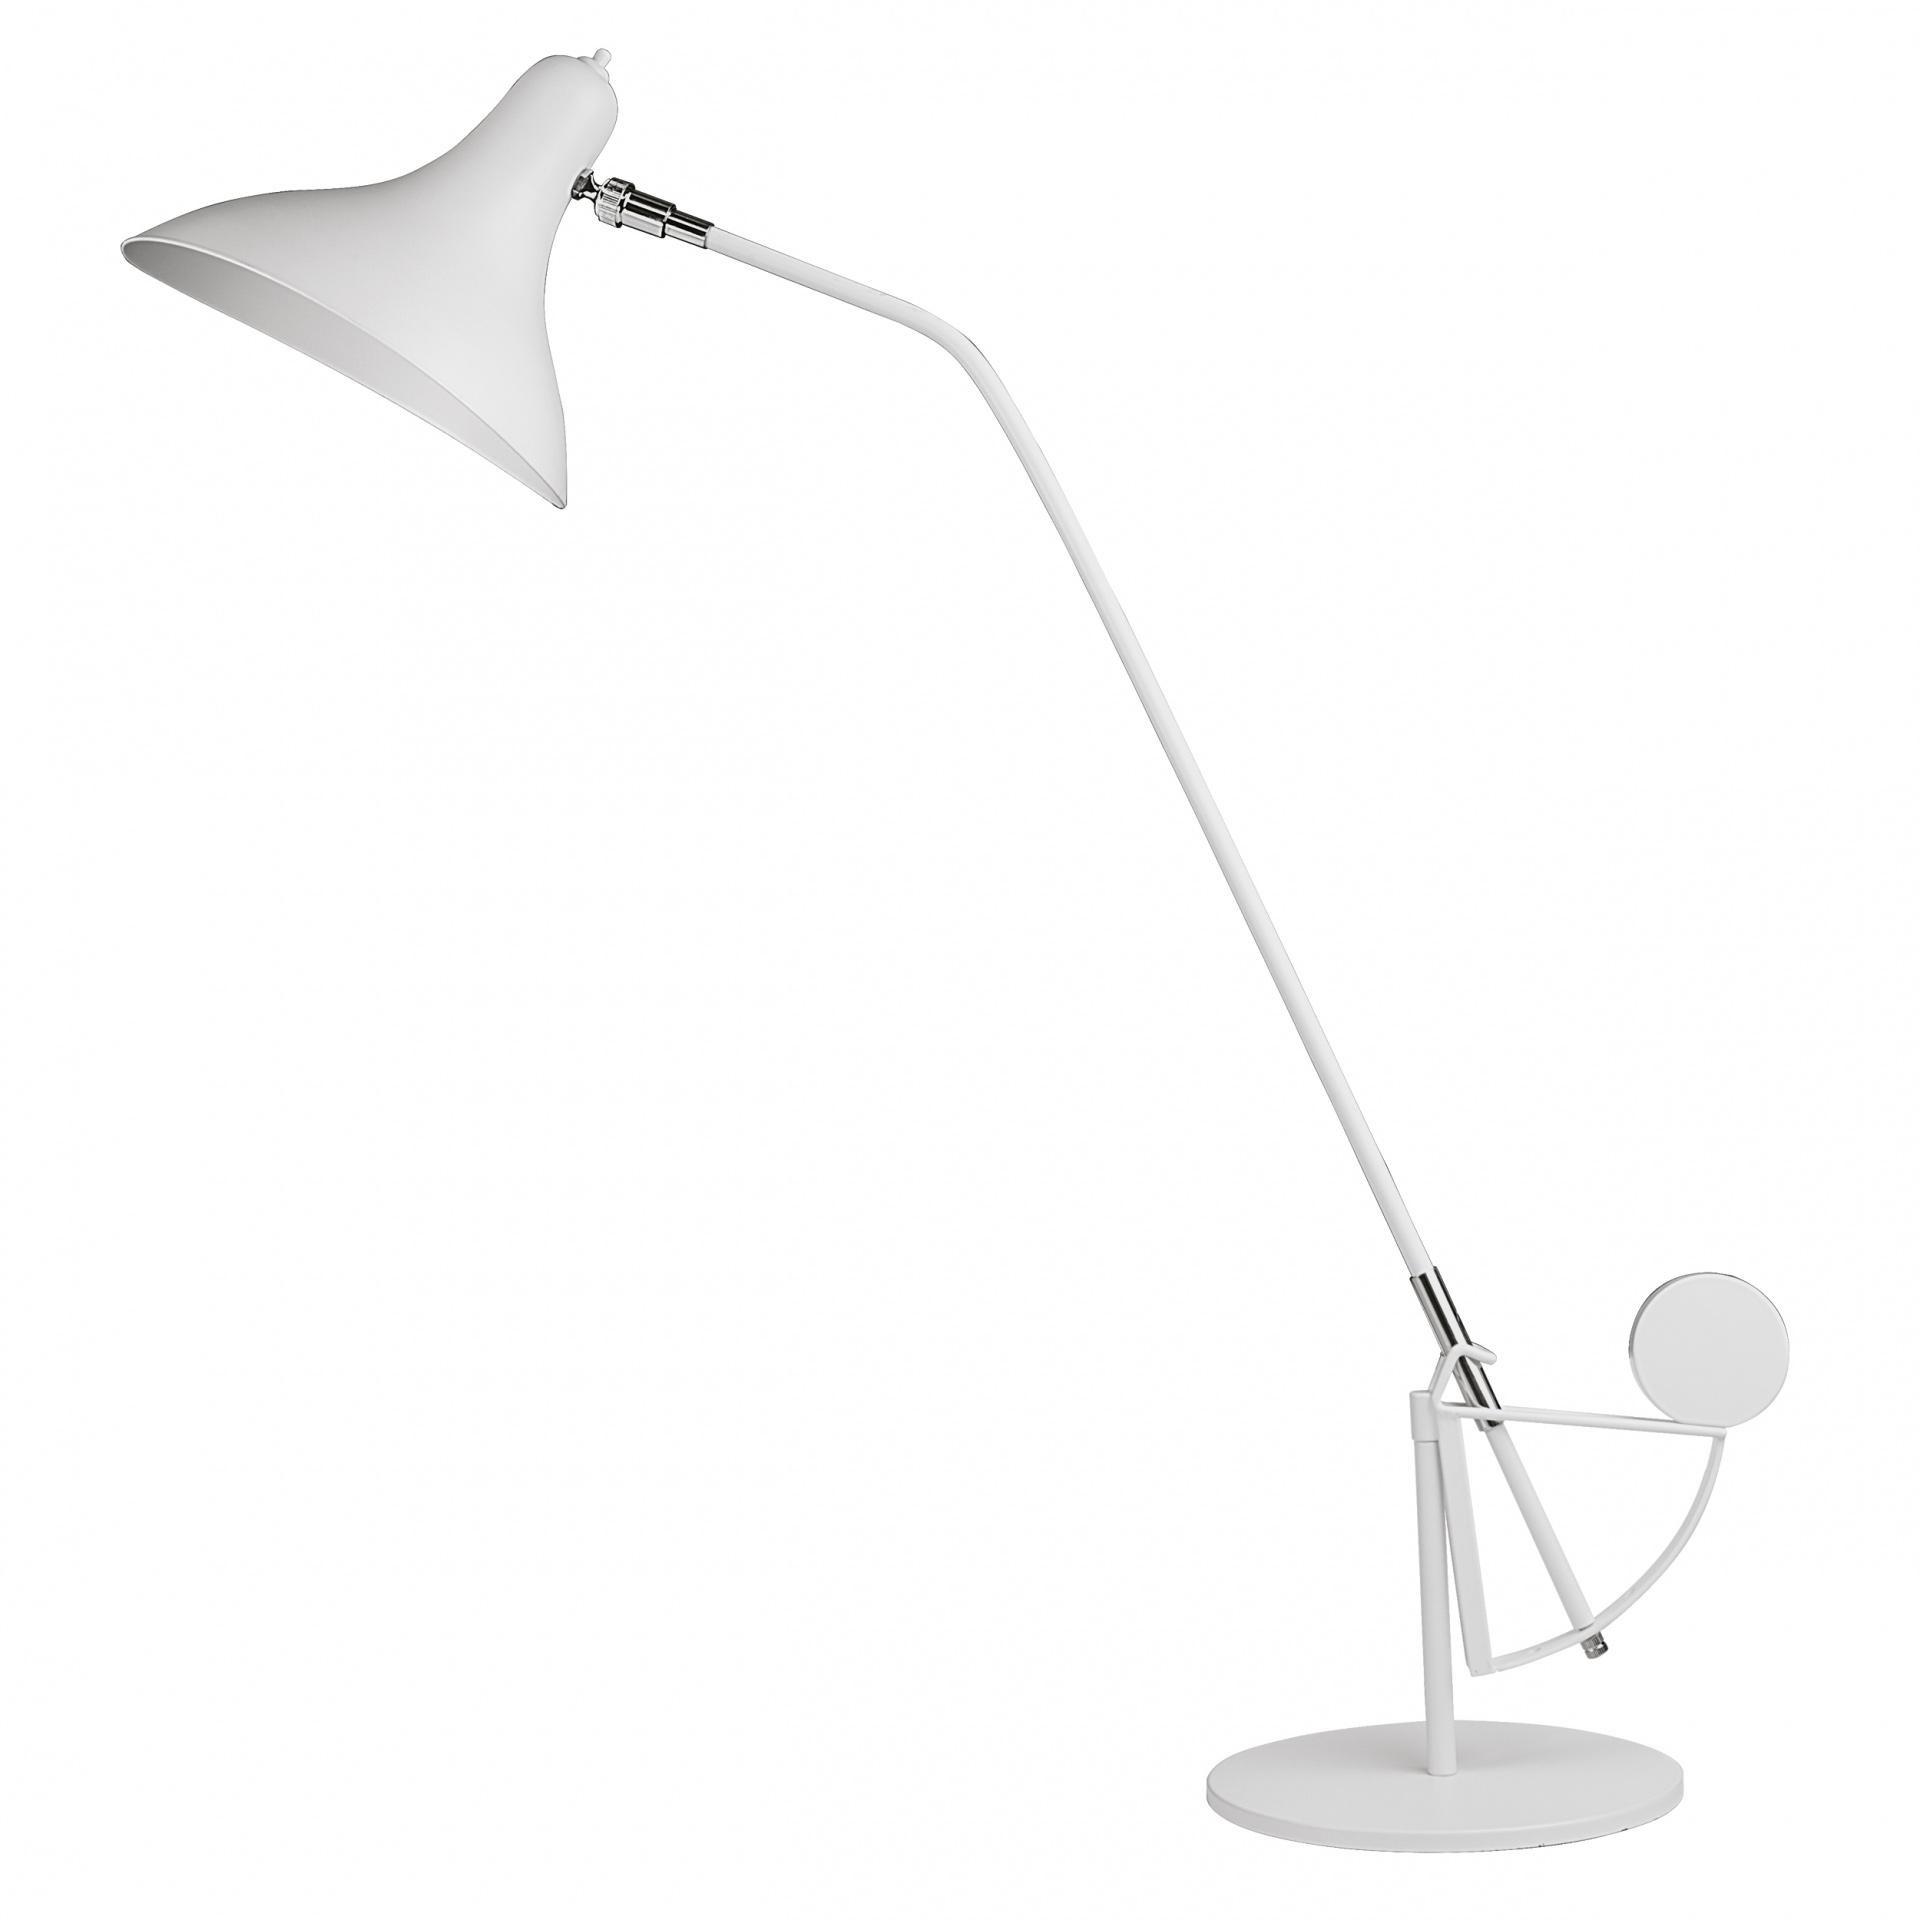 Настольная лампа Manti 1х40W E14 white Lightstar 764906, купить в СПб, Москве, с доставкой, Санкт-Петербург, интернет-магазин люстр и светильников Starlight, фото в жизни